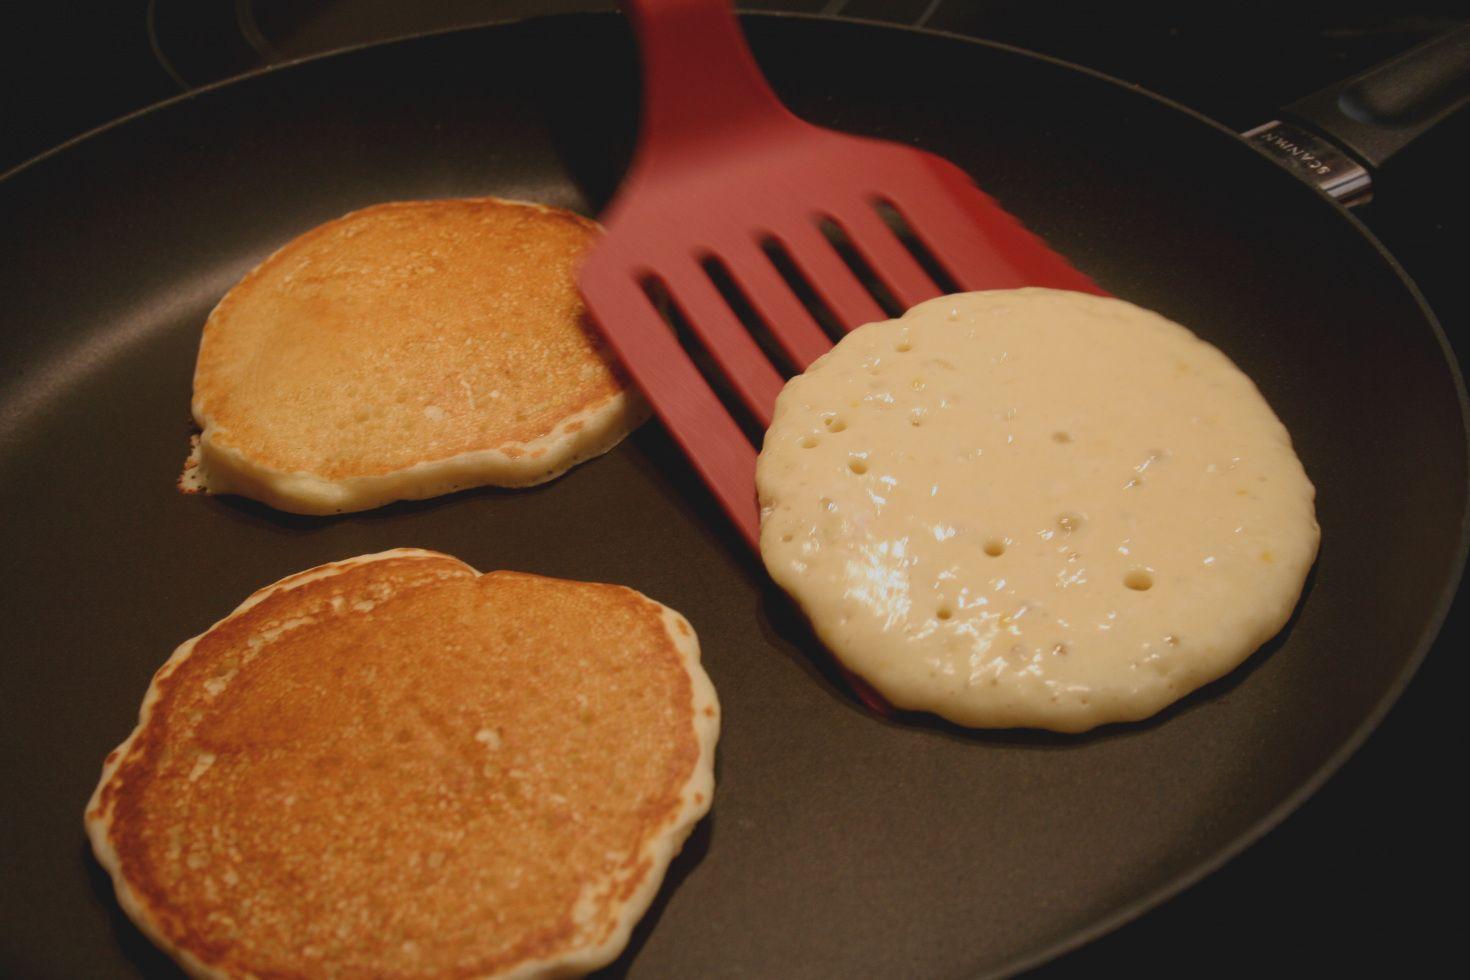 10 Cara Membuat Pancake Dengan Hasil Yang Lebih Lembut dan Dijamin Ketagihan 9